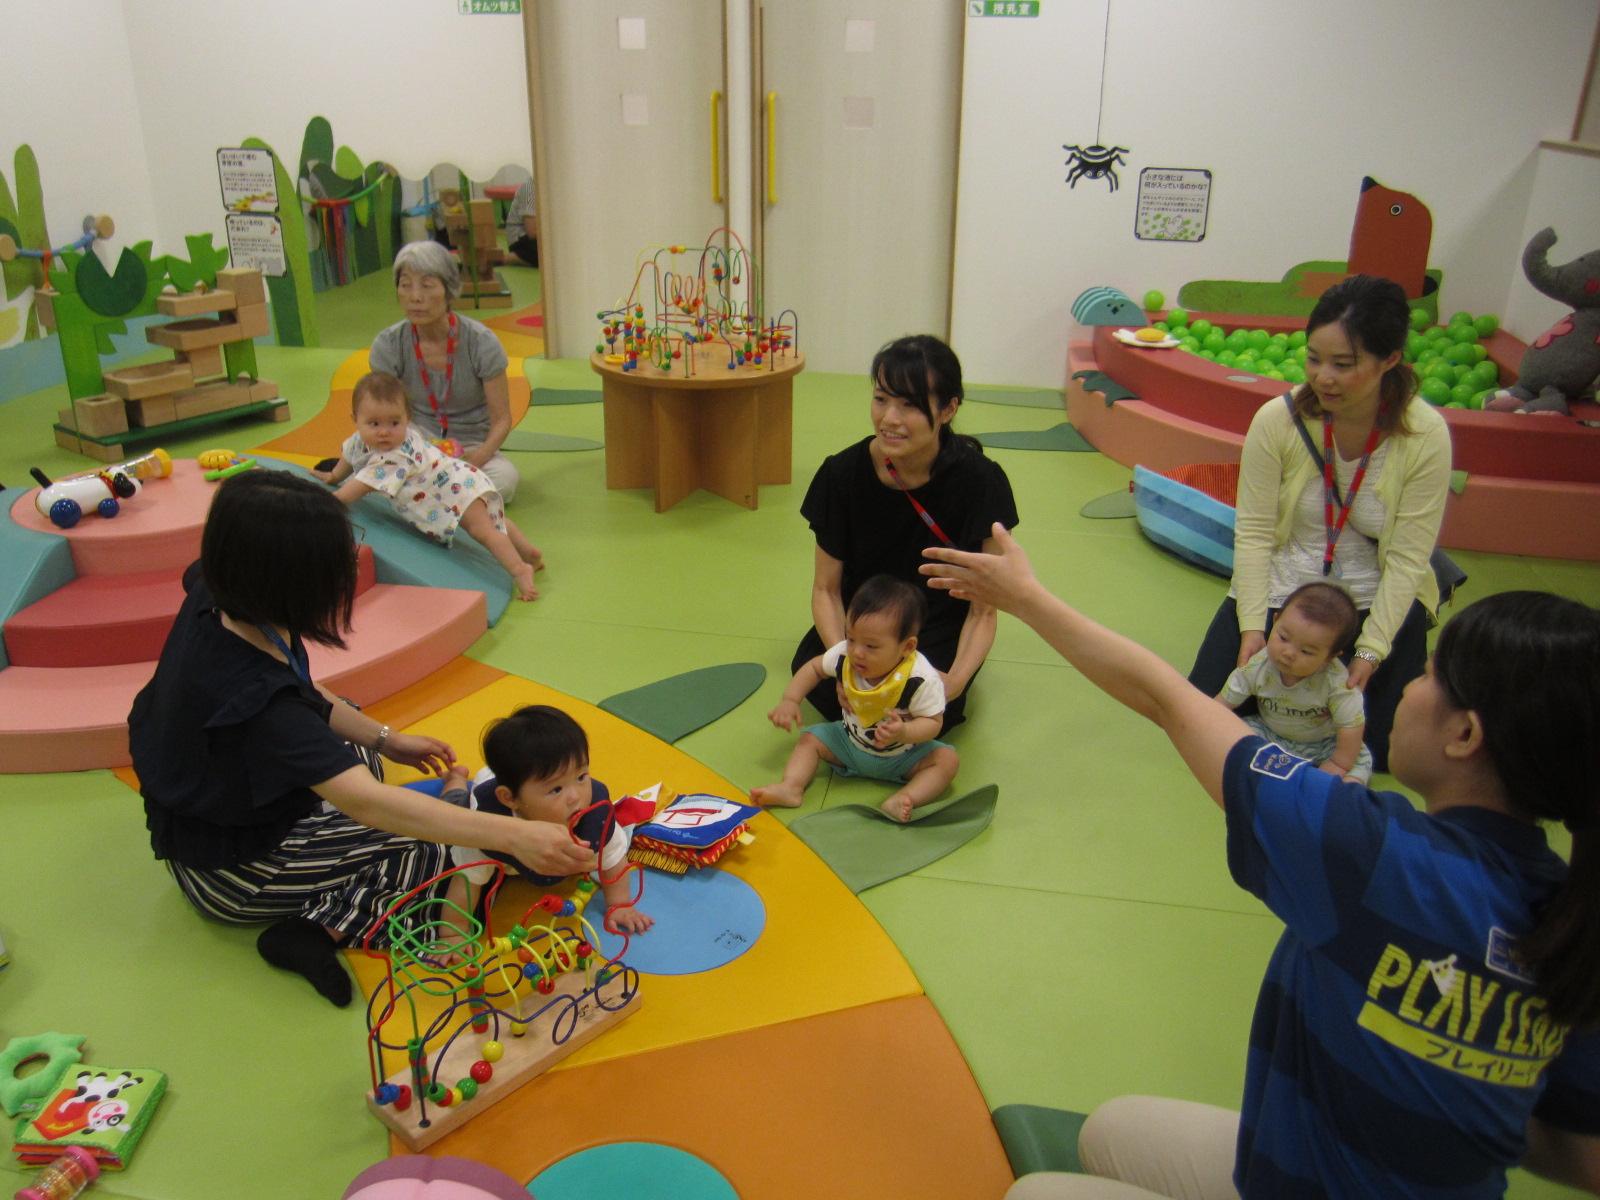 8月赤ちゃんの日のイベントの様子 Part1